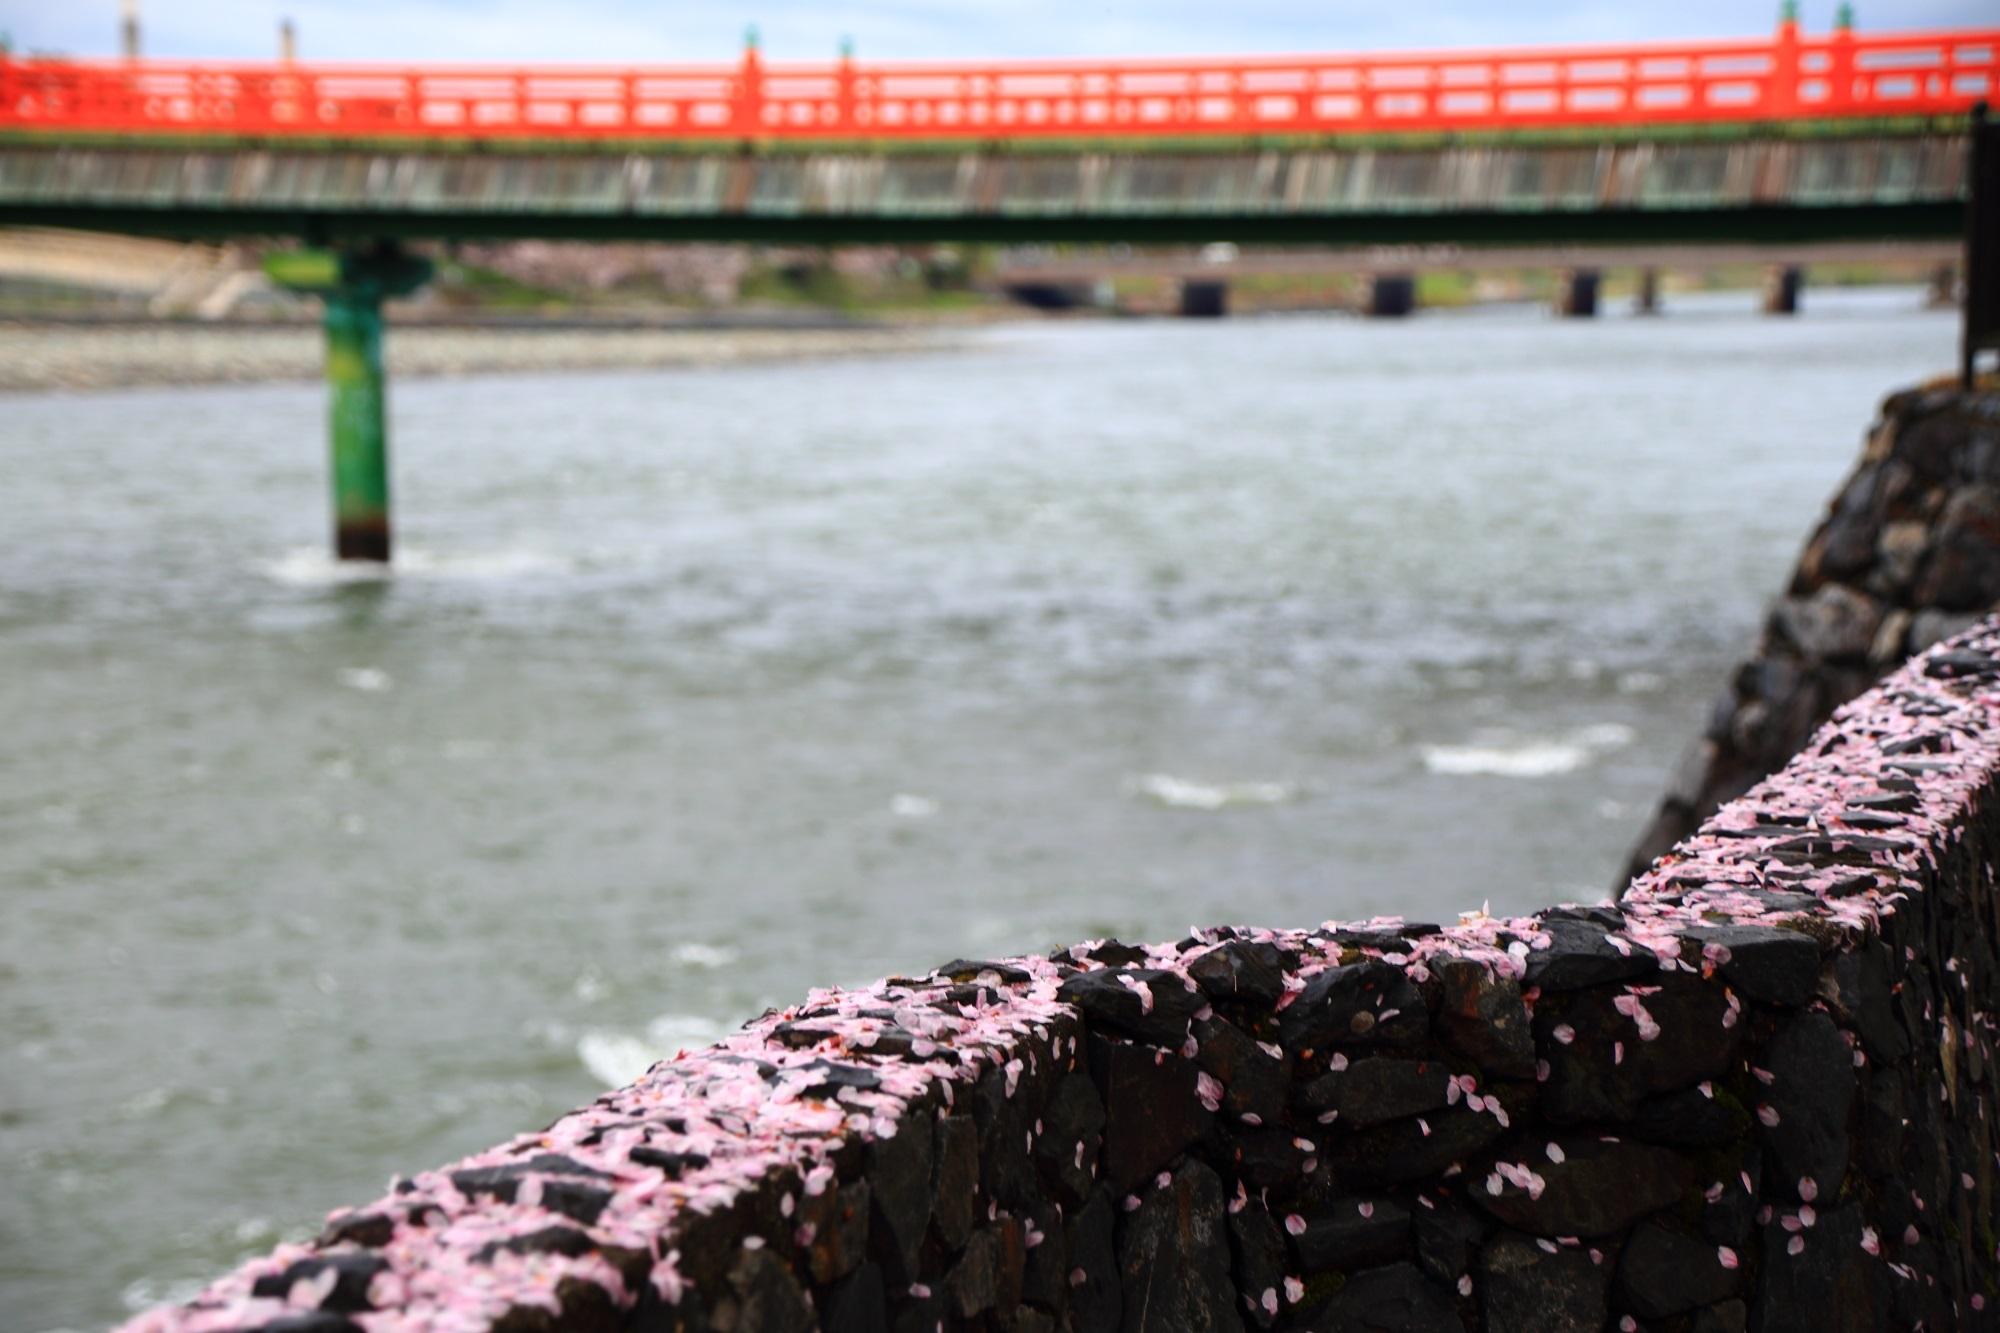 朝霧橋と見事なピンクの散り桜